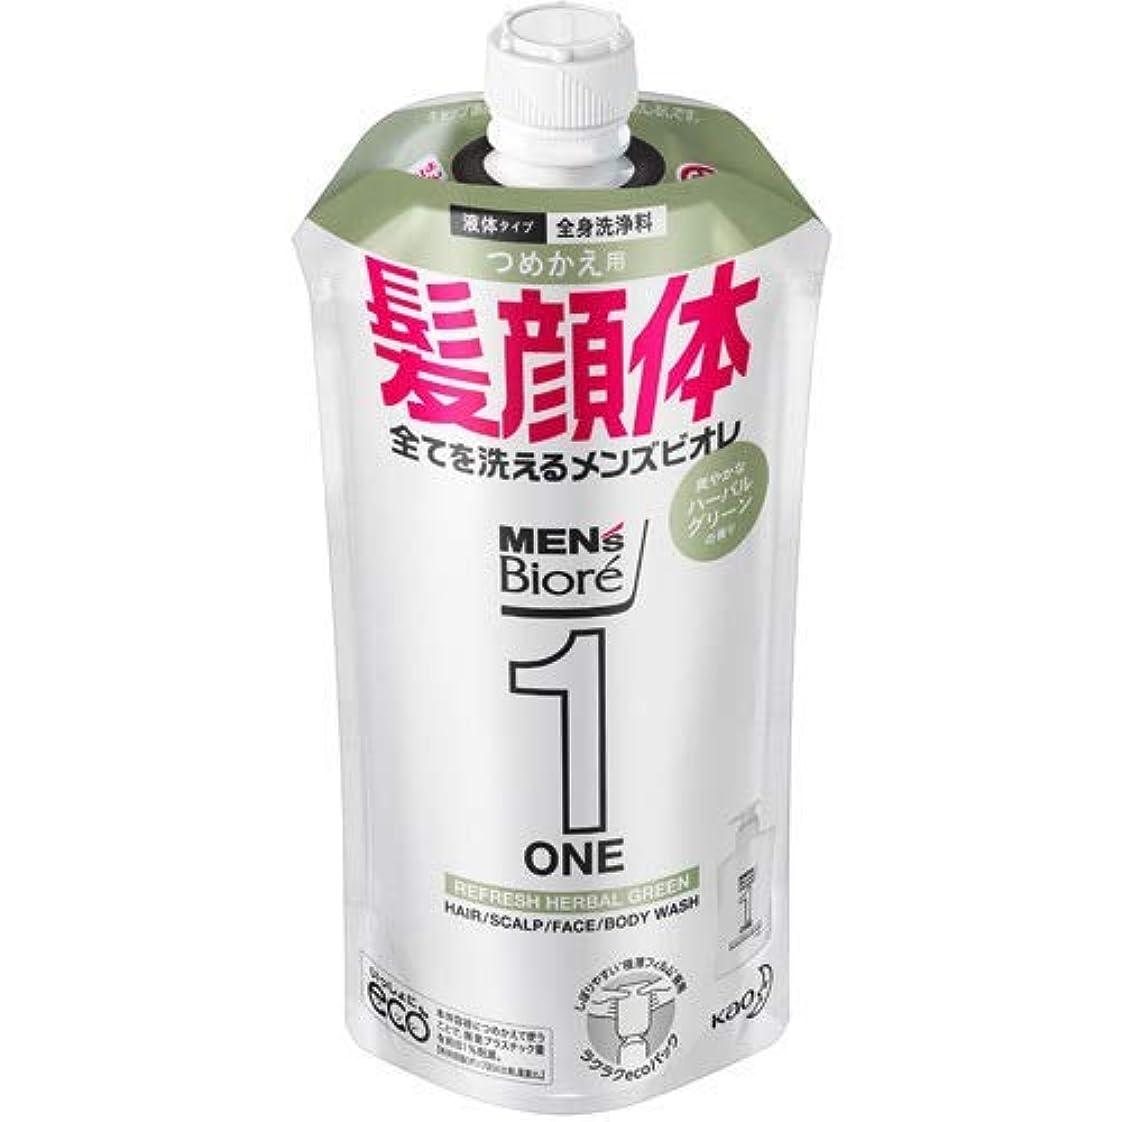 受け入れたファーム旋回【10個セット】メンズビオレONE オールインワン全身洗浄料 爽やかなハーブルグリーンの香り つめかえ用 340mL